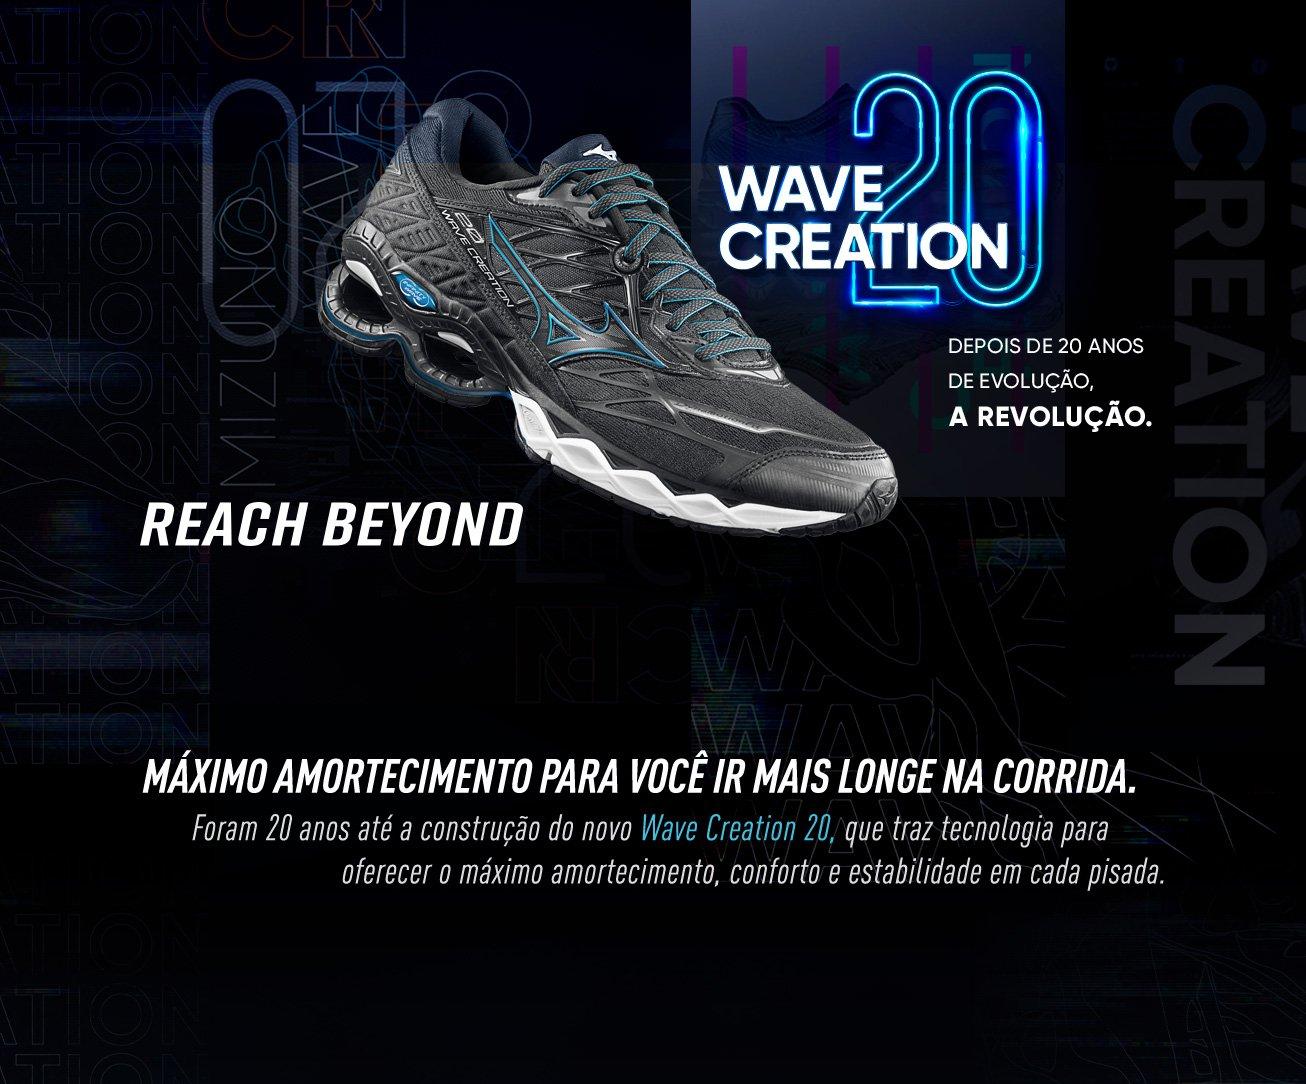 Tênis Mizuno Wave Creation 20 Feminino - Preto e Azul claro | Netshoes